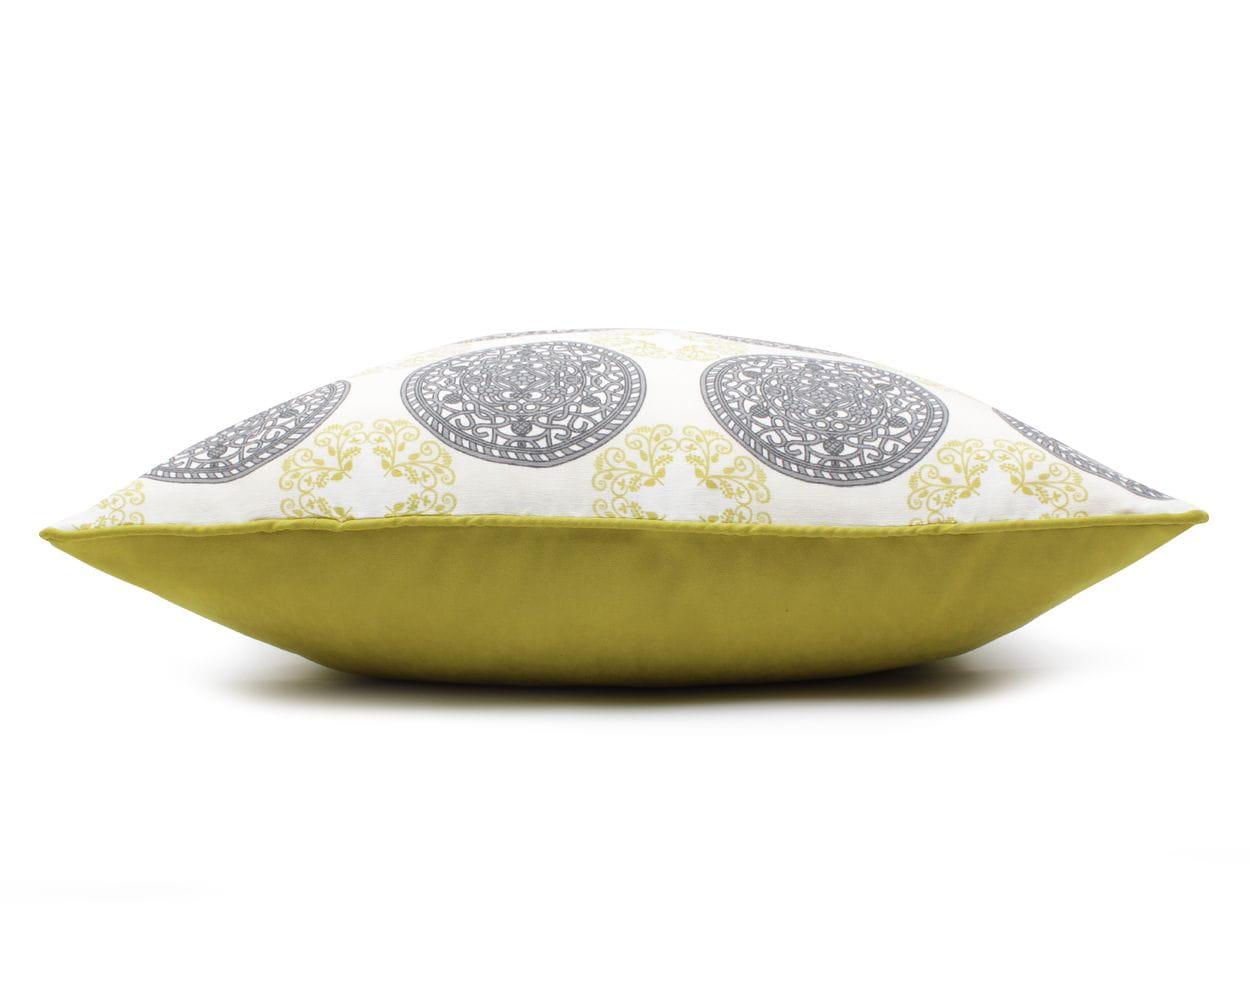 Poduszka dekoracyjna z ornamentami to propozycja zarówno dla miłośników klasyki, jak i dla wielbicieli nowoczesnych wnętrz. Okrągłe zielone i czarne ornamenty na białym tle poszewki prezentują się świetnie. Całości dopełnia jasnozielona lamówka. Poduszka jest wyjątkowo elegancka. Kolor: Wielokolorowy Dostępne rozmiary : 40x60 cm - pasuje do niej wkład jedwabny 45x65 cm 60x60 cm - pasuje do niej wkład jedwabny 65x65 cm Tkanina: Poliester, bawełna Wymiary produktów wykonanych z tkanin objęte są tolerancją w granicach +/- 2 cm na długości i szerokości.